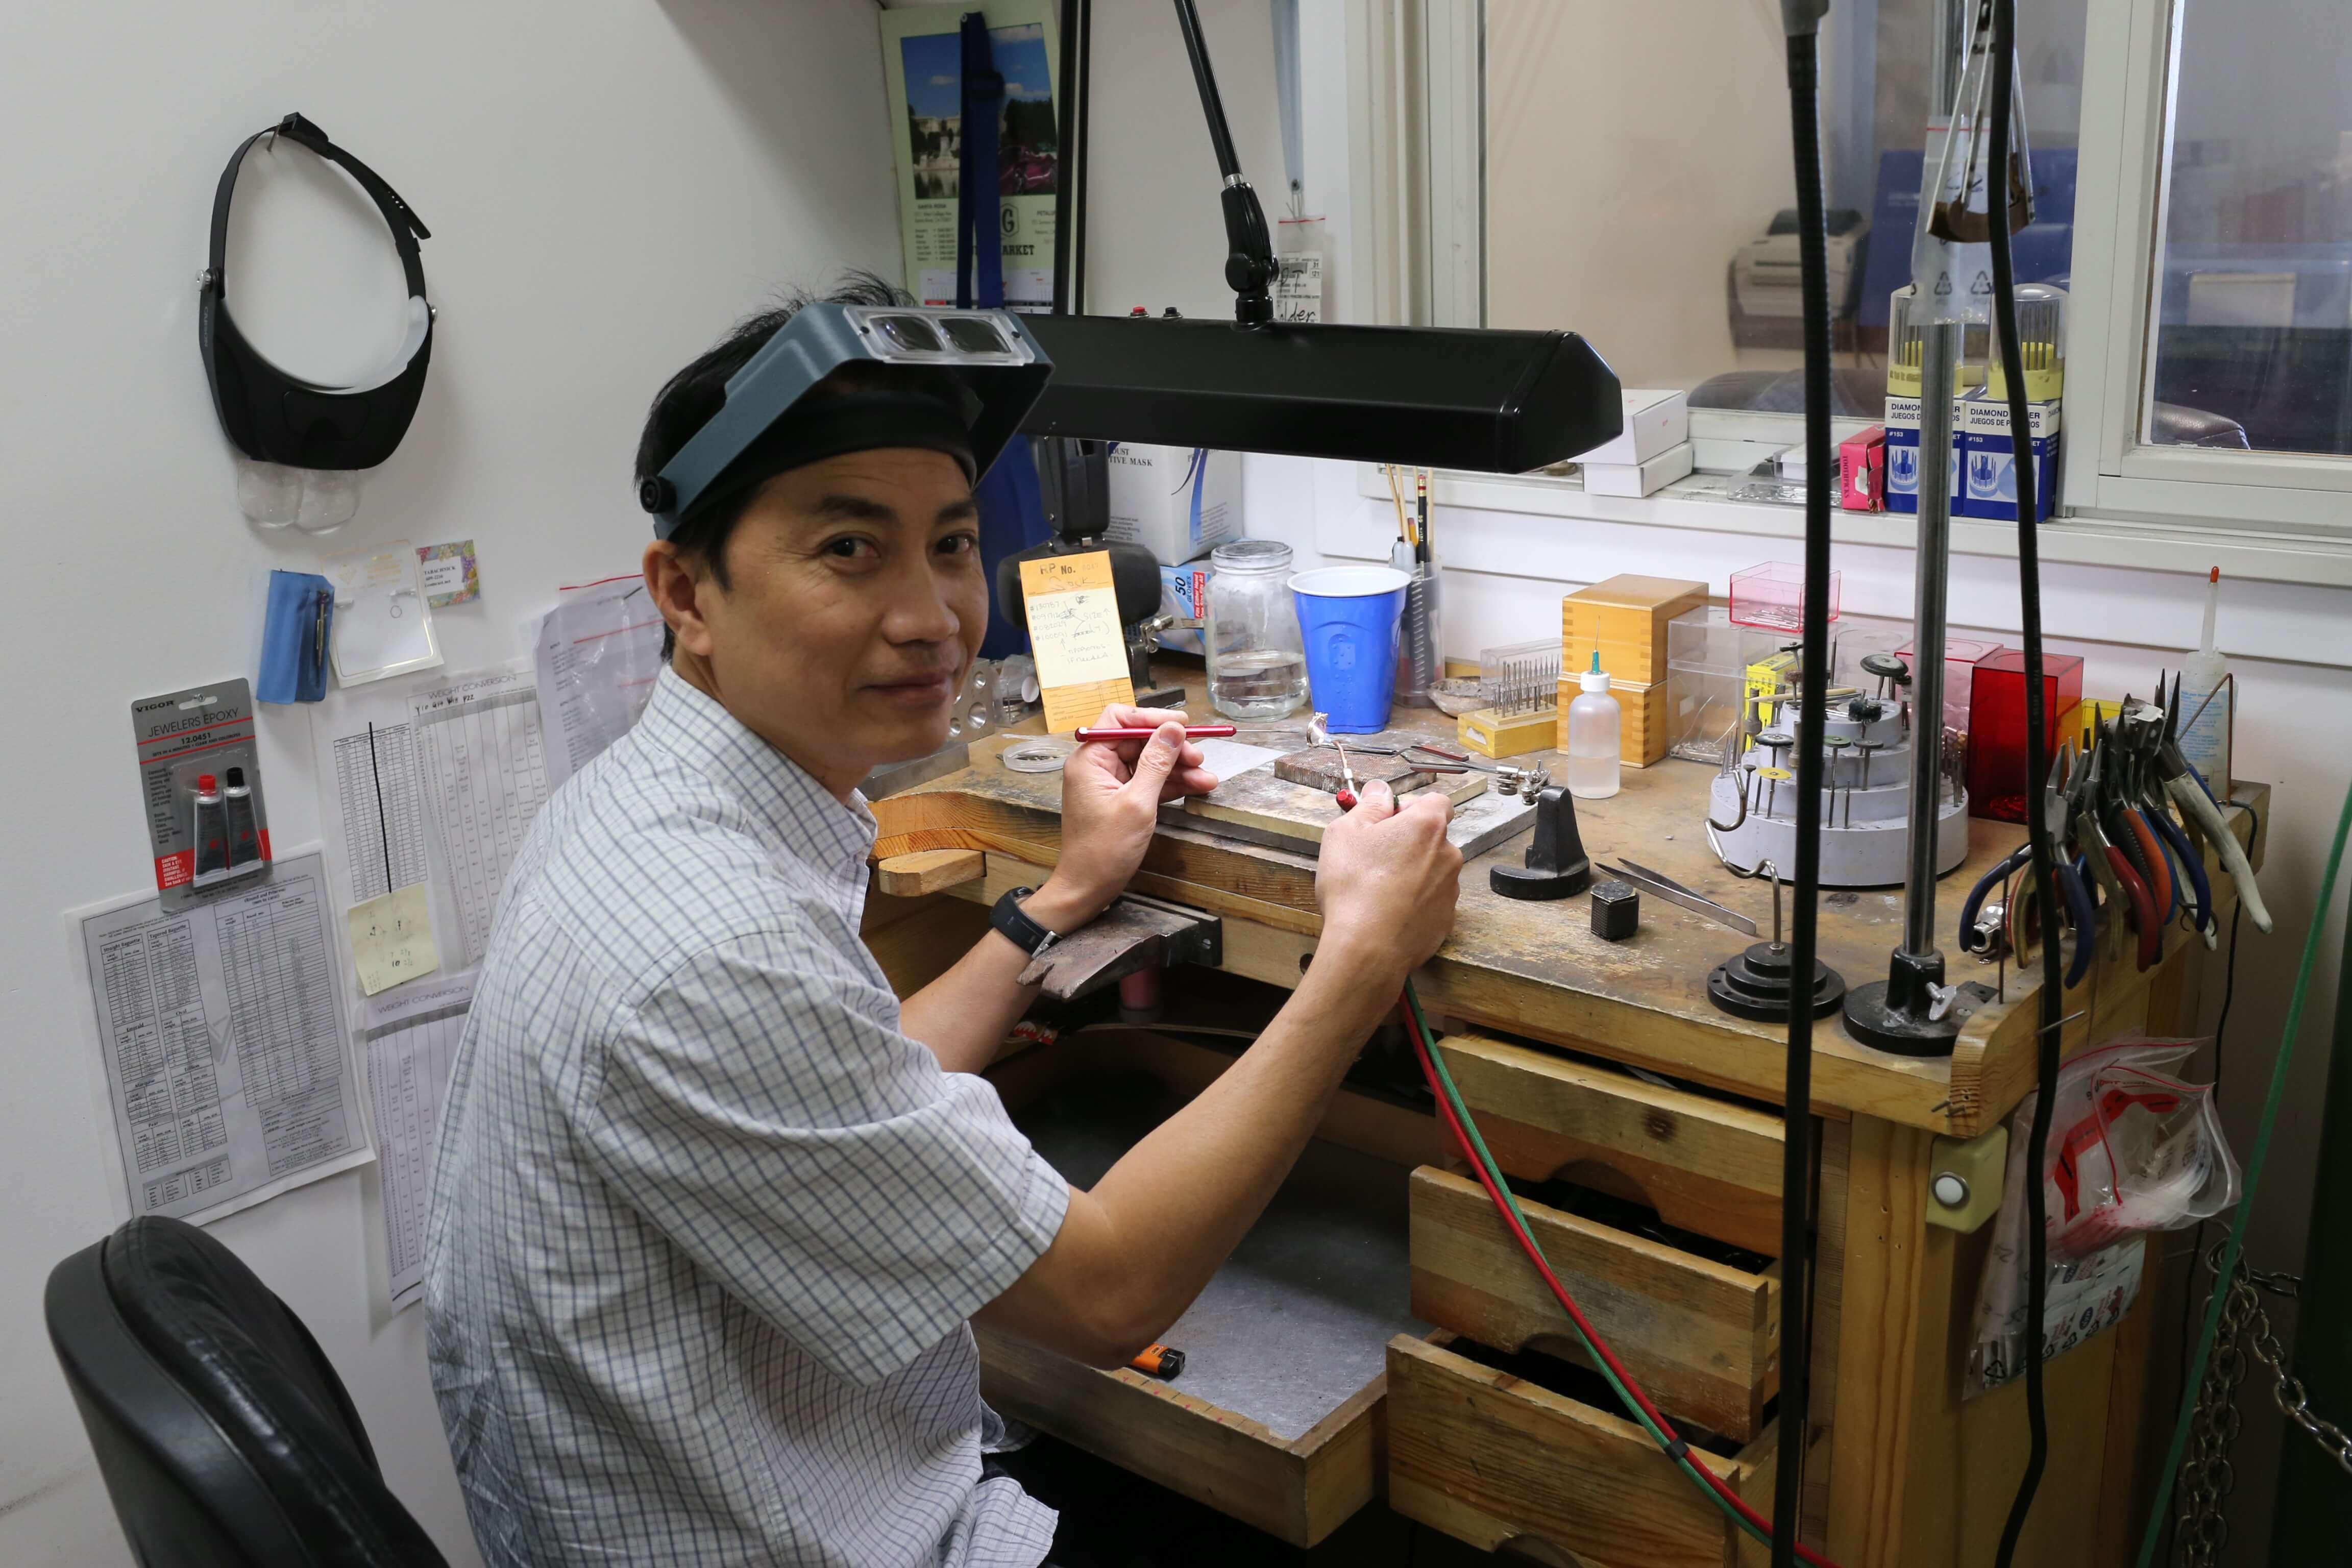 Jeweler working at Gold Rush Jewelers in Santa Rosa, CA